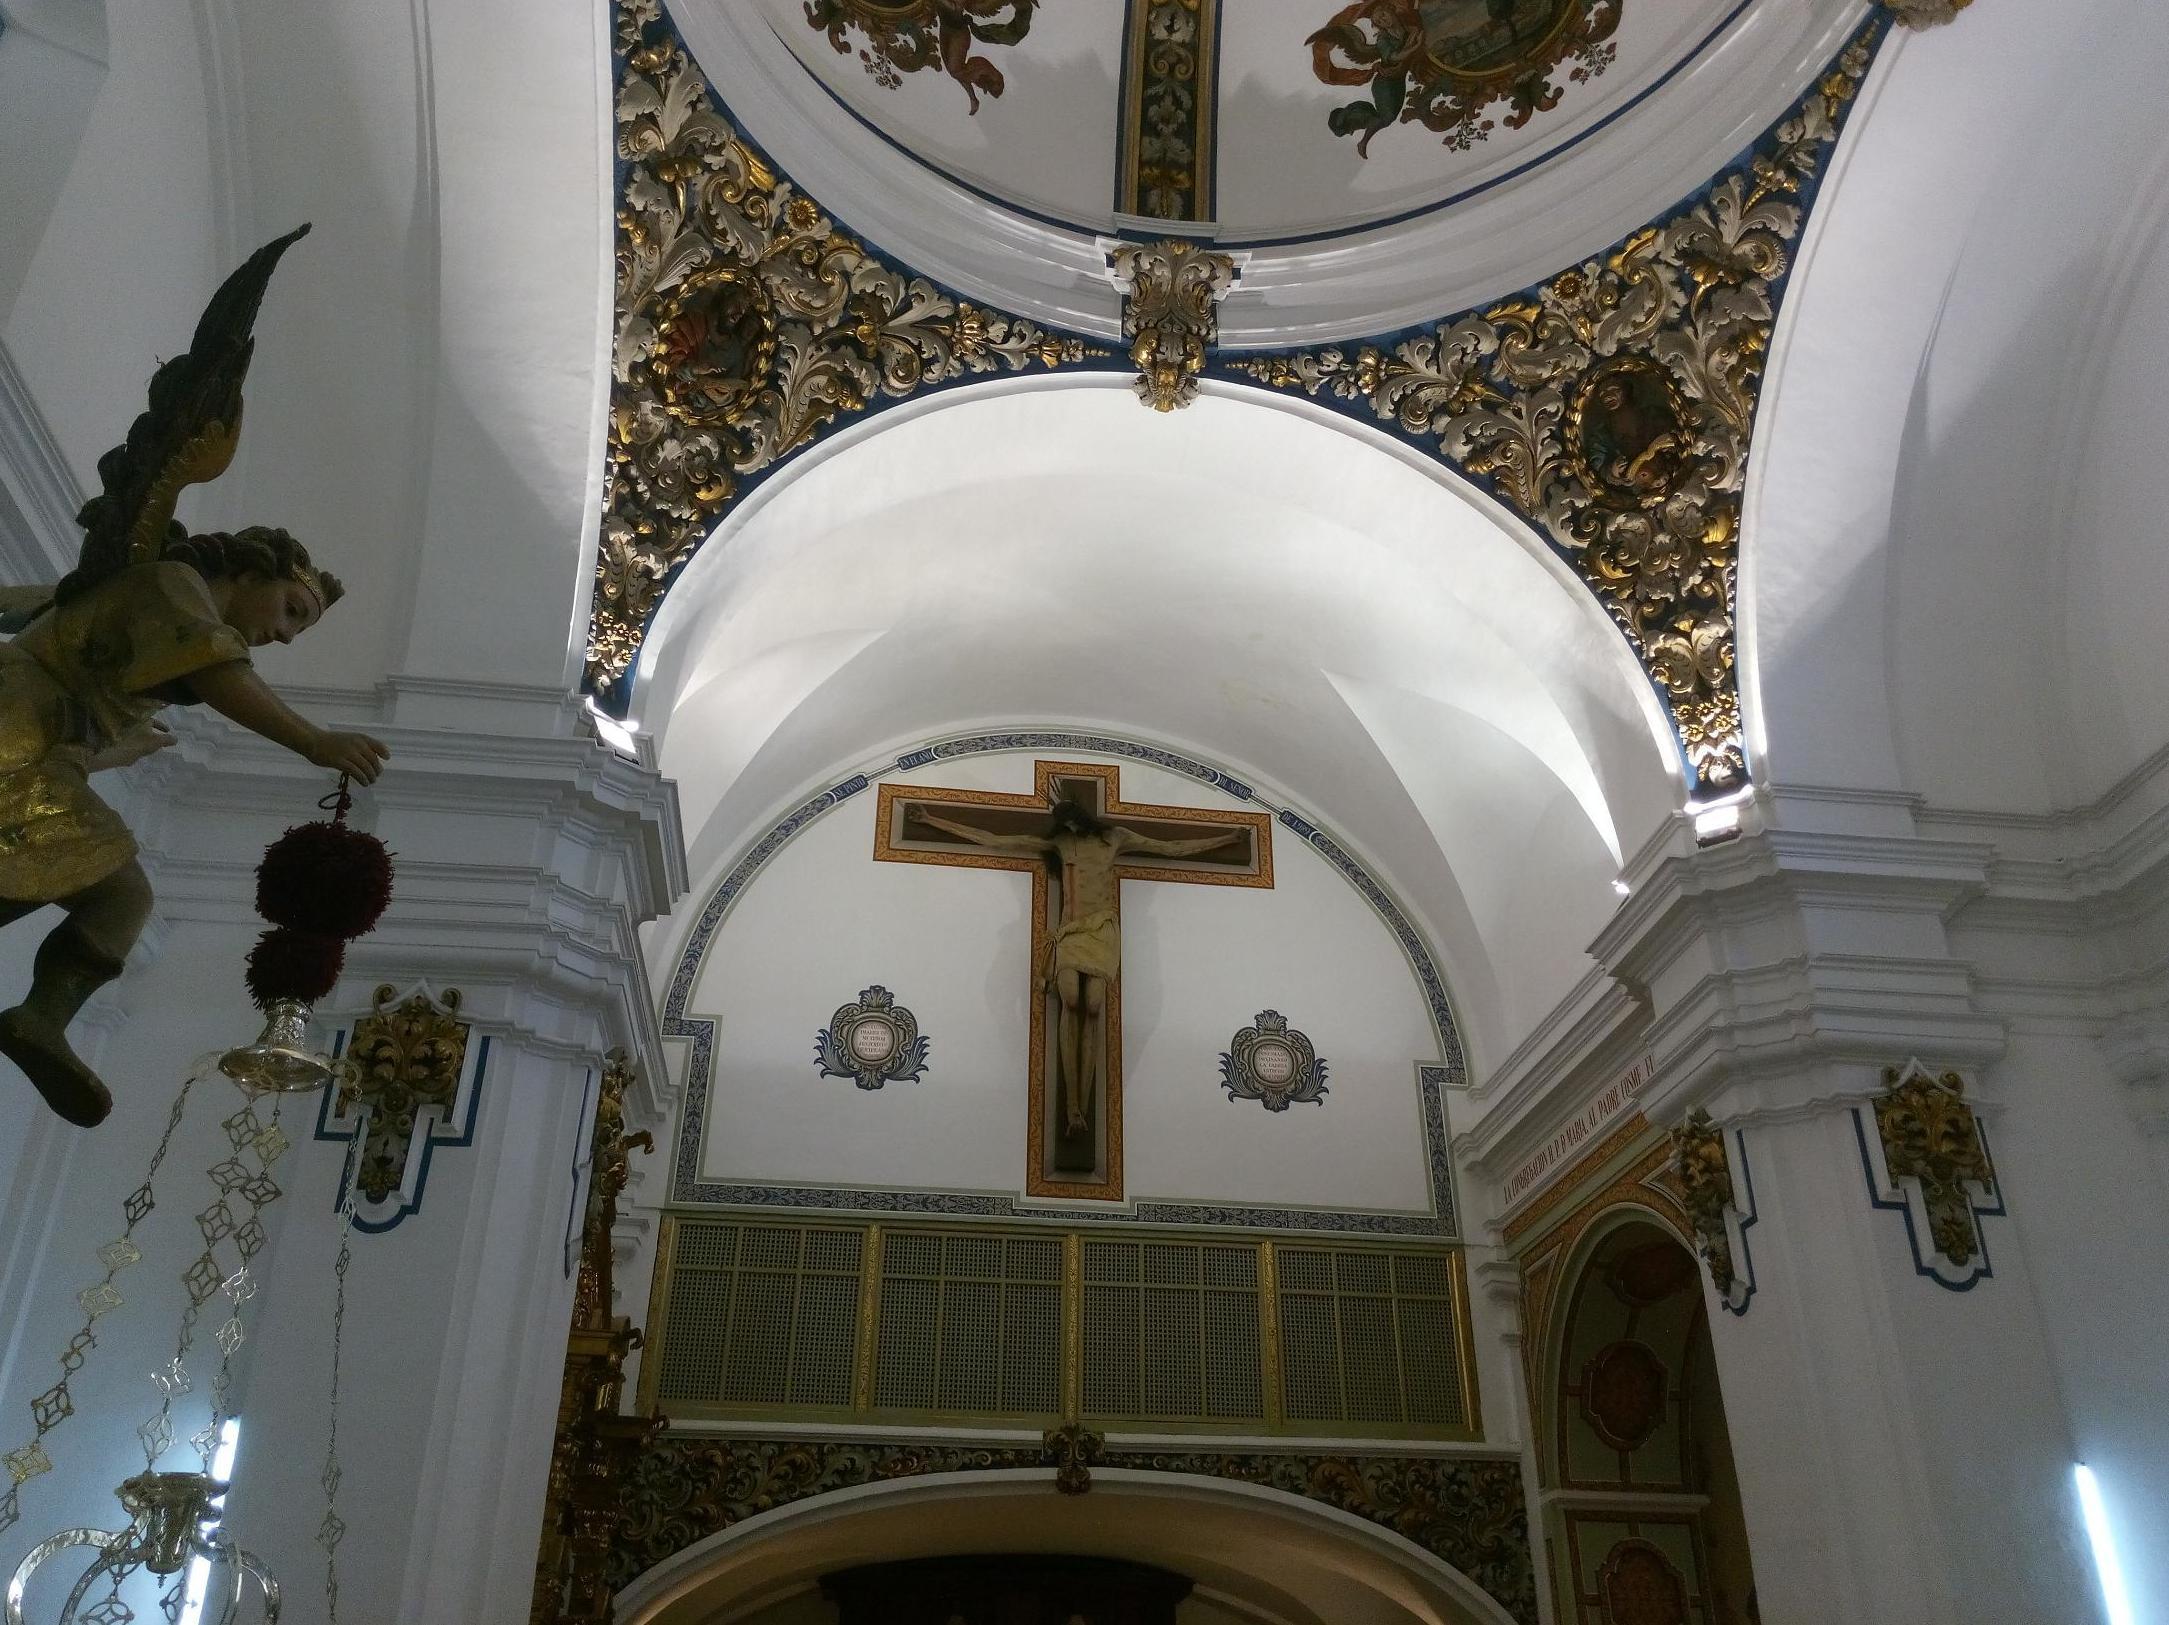 Trabajos de iluminación en edificios religiosos